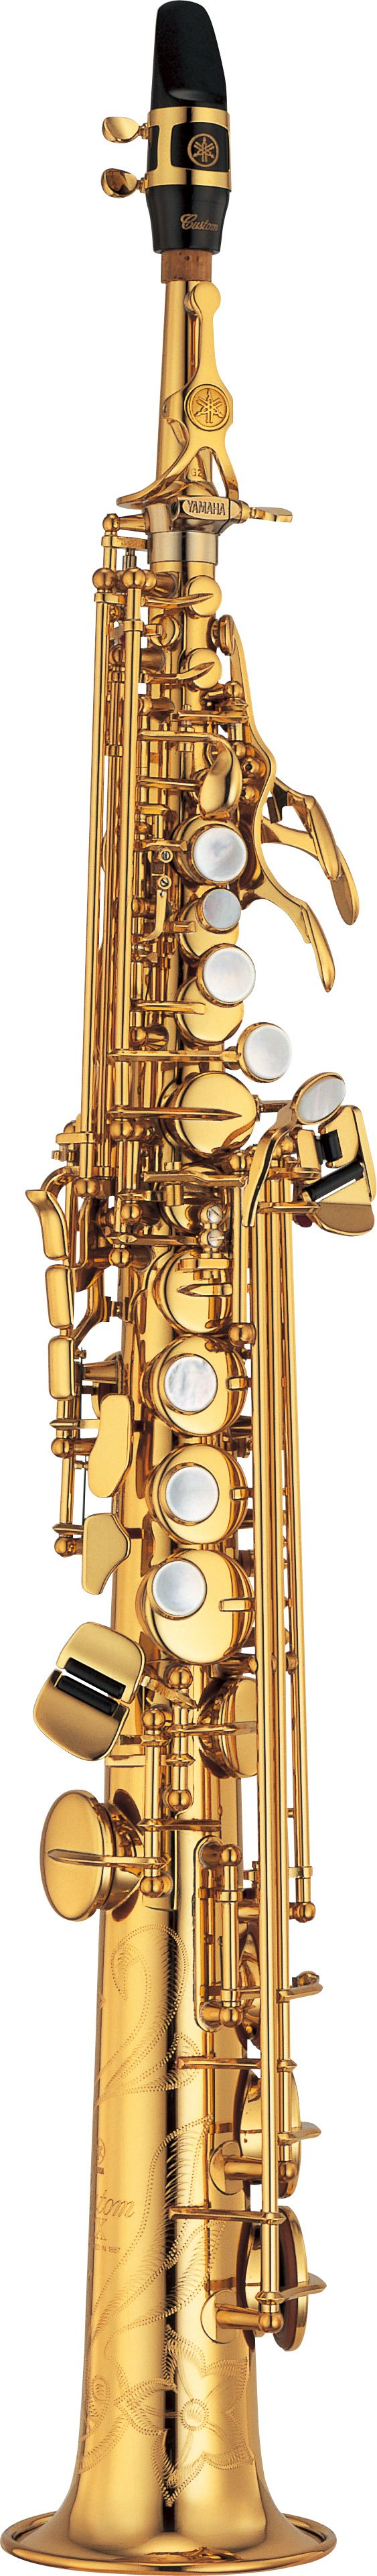 Yamaha - YSS - 875 - EX - gerade - Holzblasinstrumente - Saxophone | MUSIK BERTRAM Deutschland Freiburg